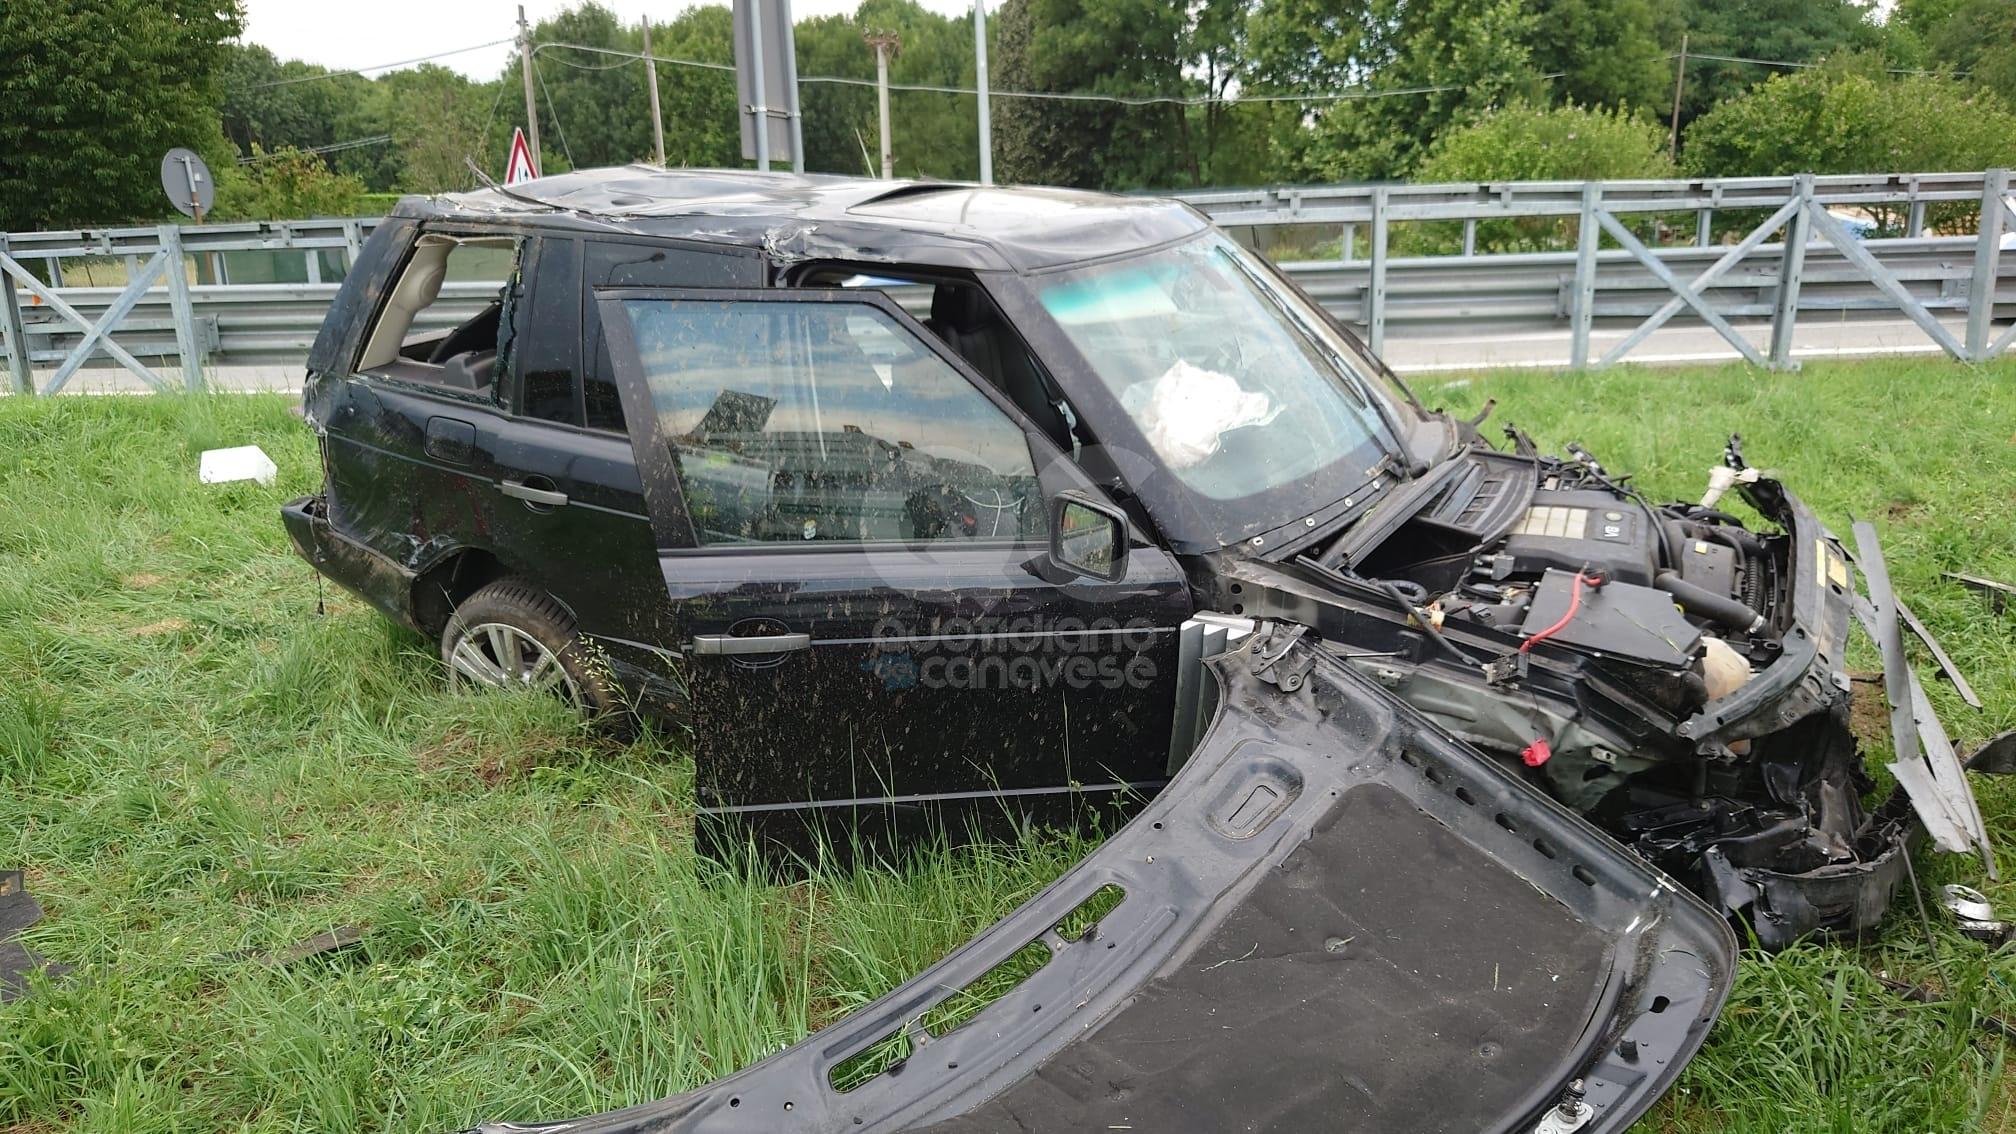 VOLPIANO - Spaventoso incidente sull'autostrada: tre feriti, uno grave - FOTO